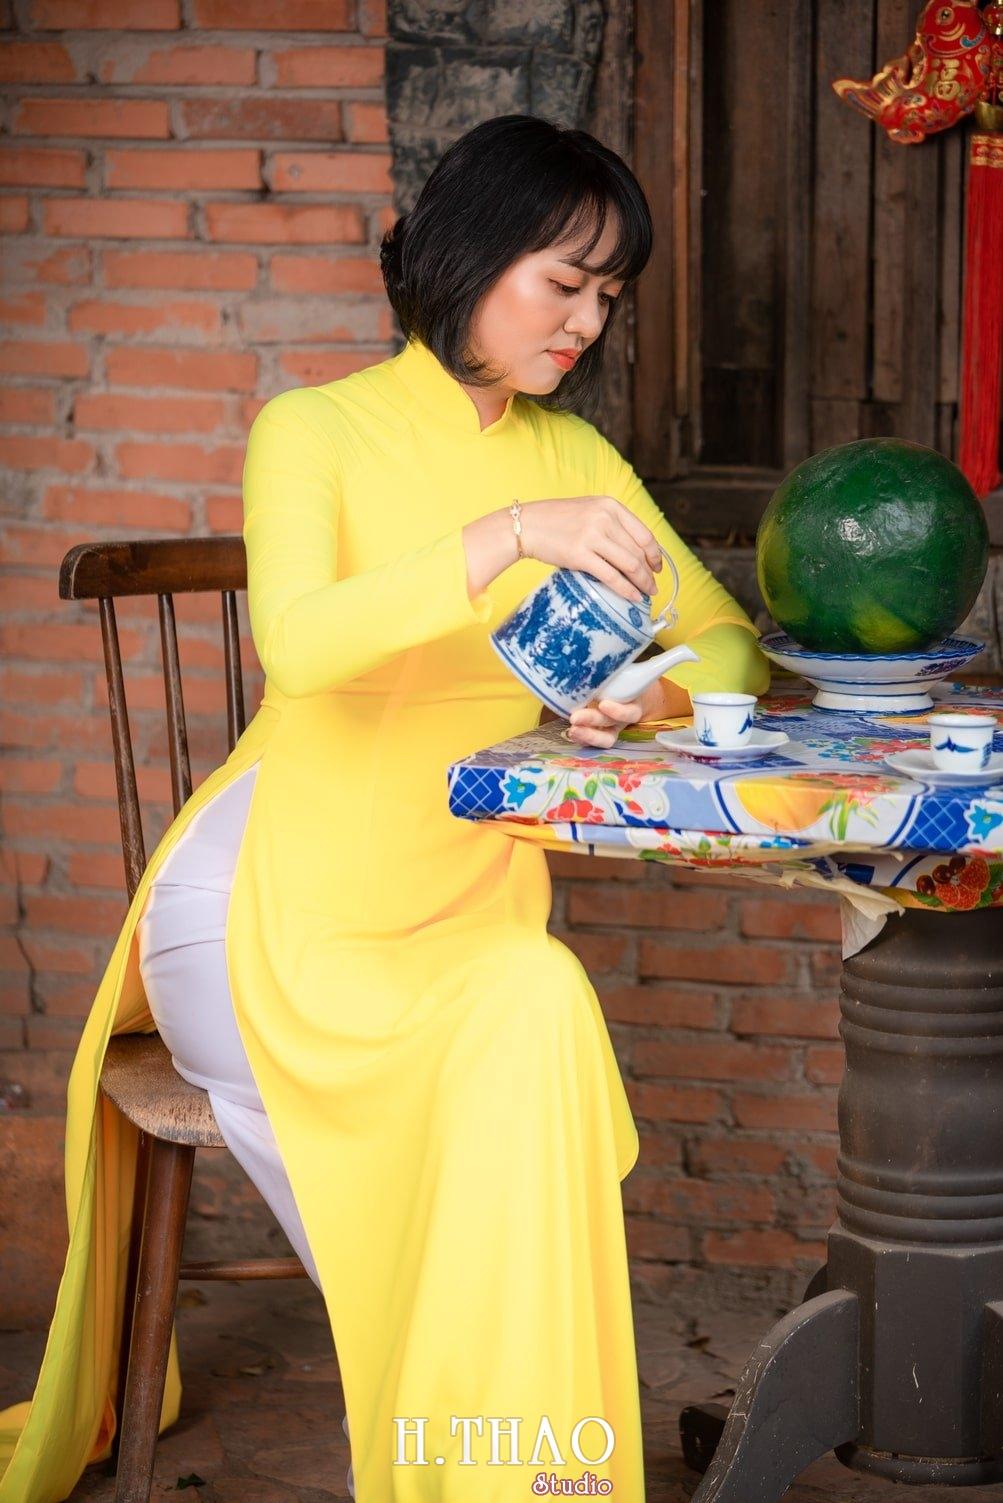 Ao dai tet 2021 16 - Album áo dài xuân chị Trang chụp tại Alibaba tuyệt đẹp - HThao Studio